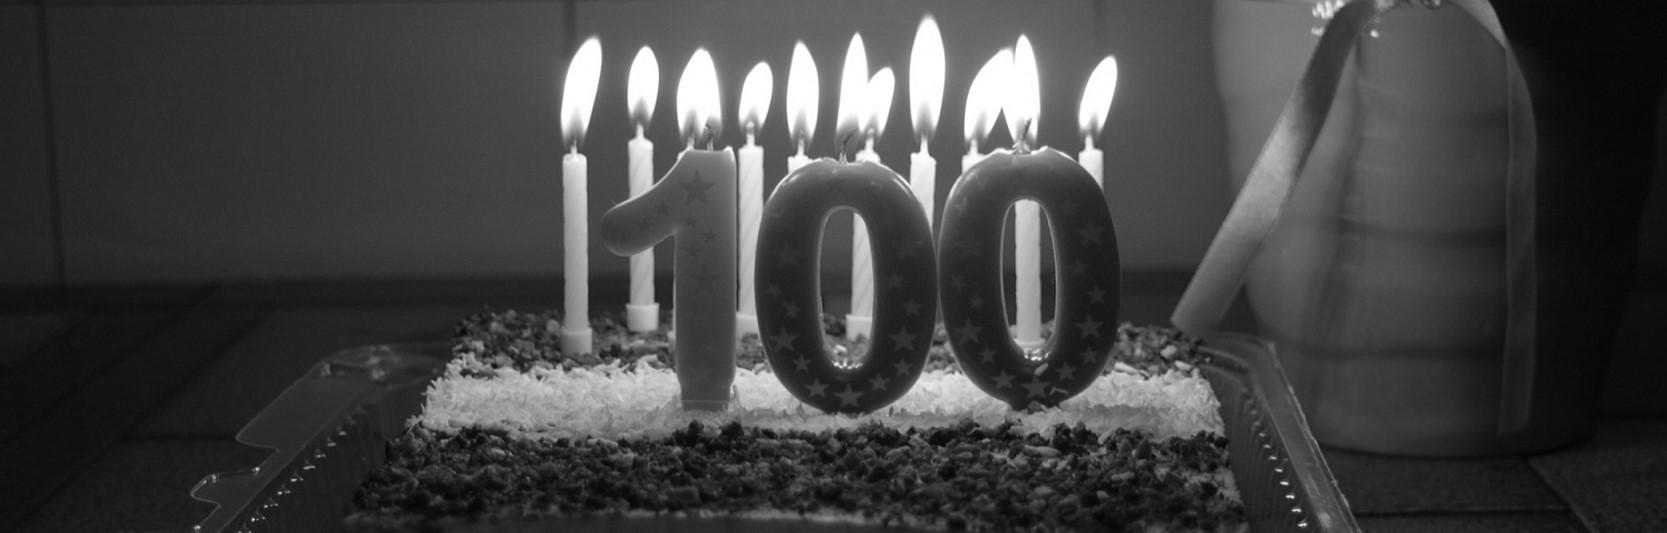 Ein Herzenswunsch zum 100. Geburtstag